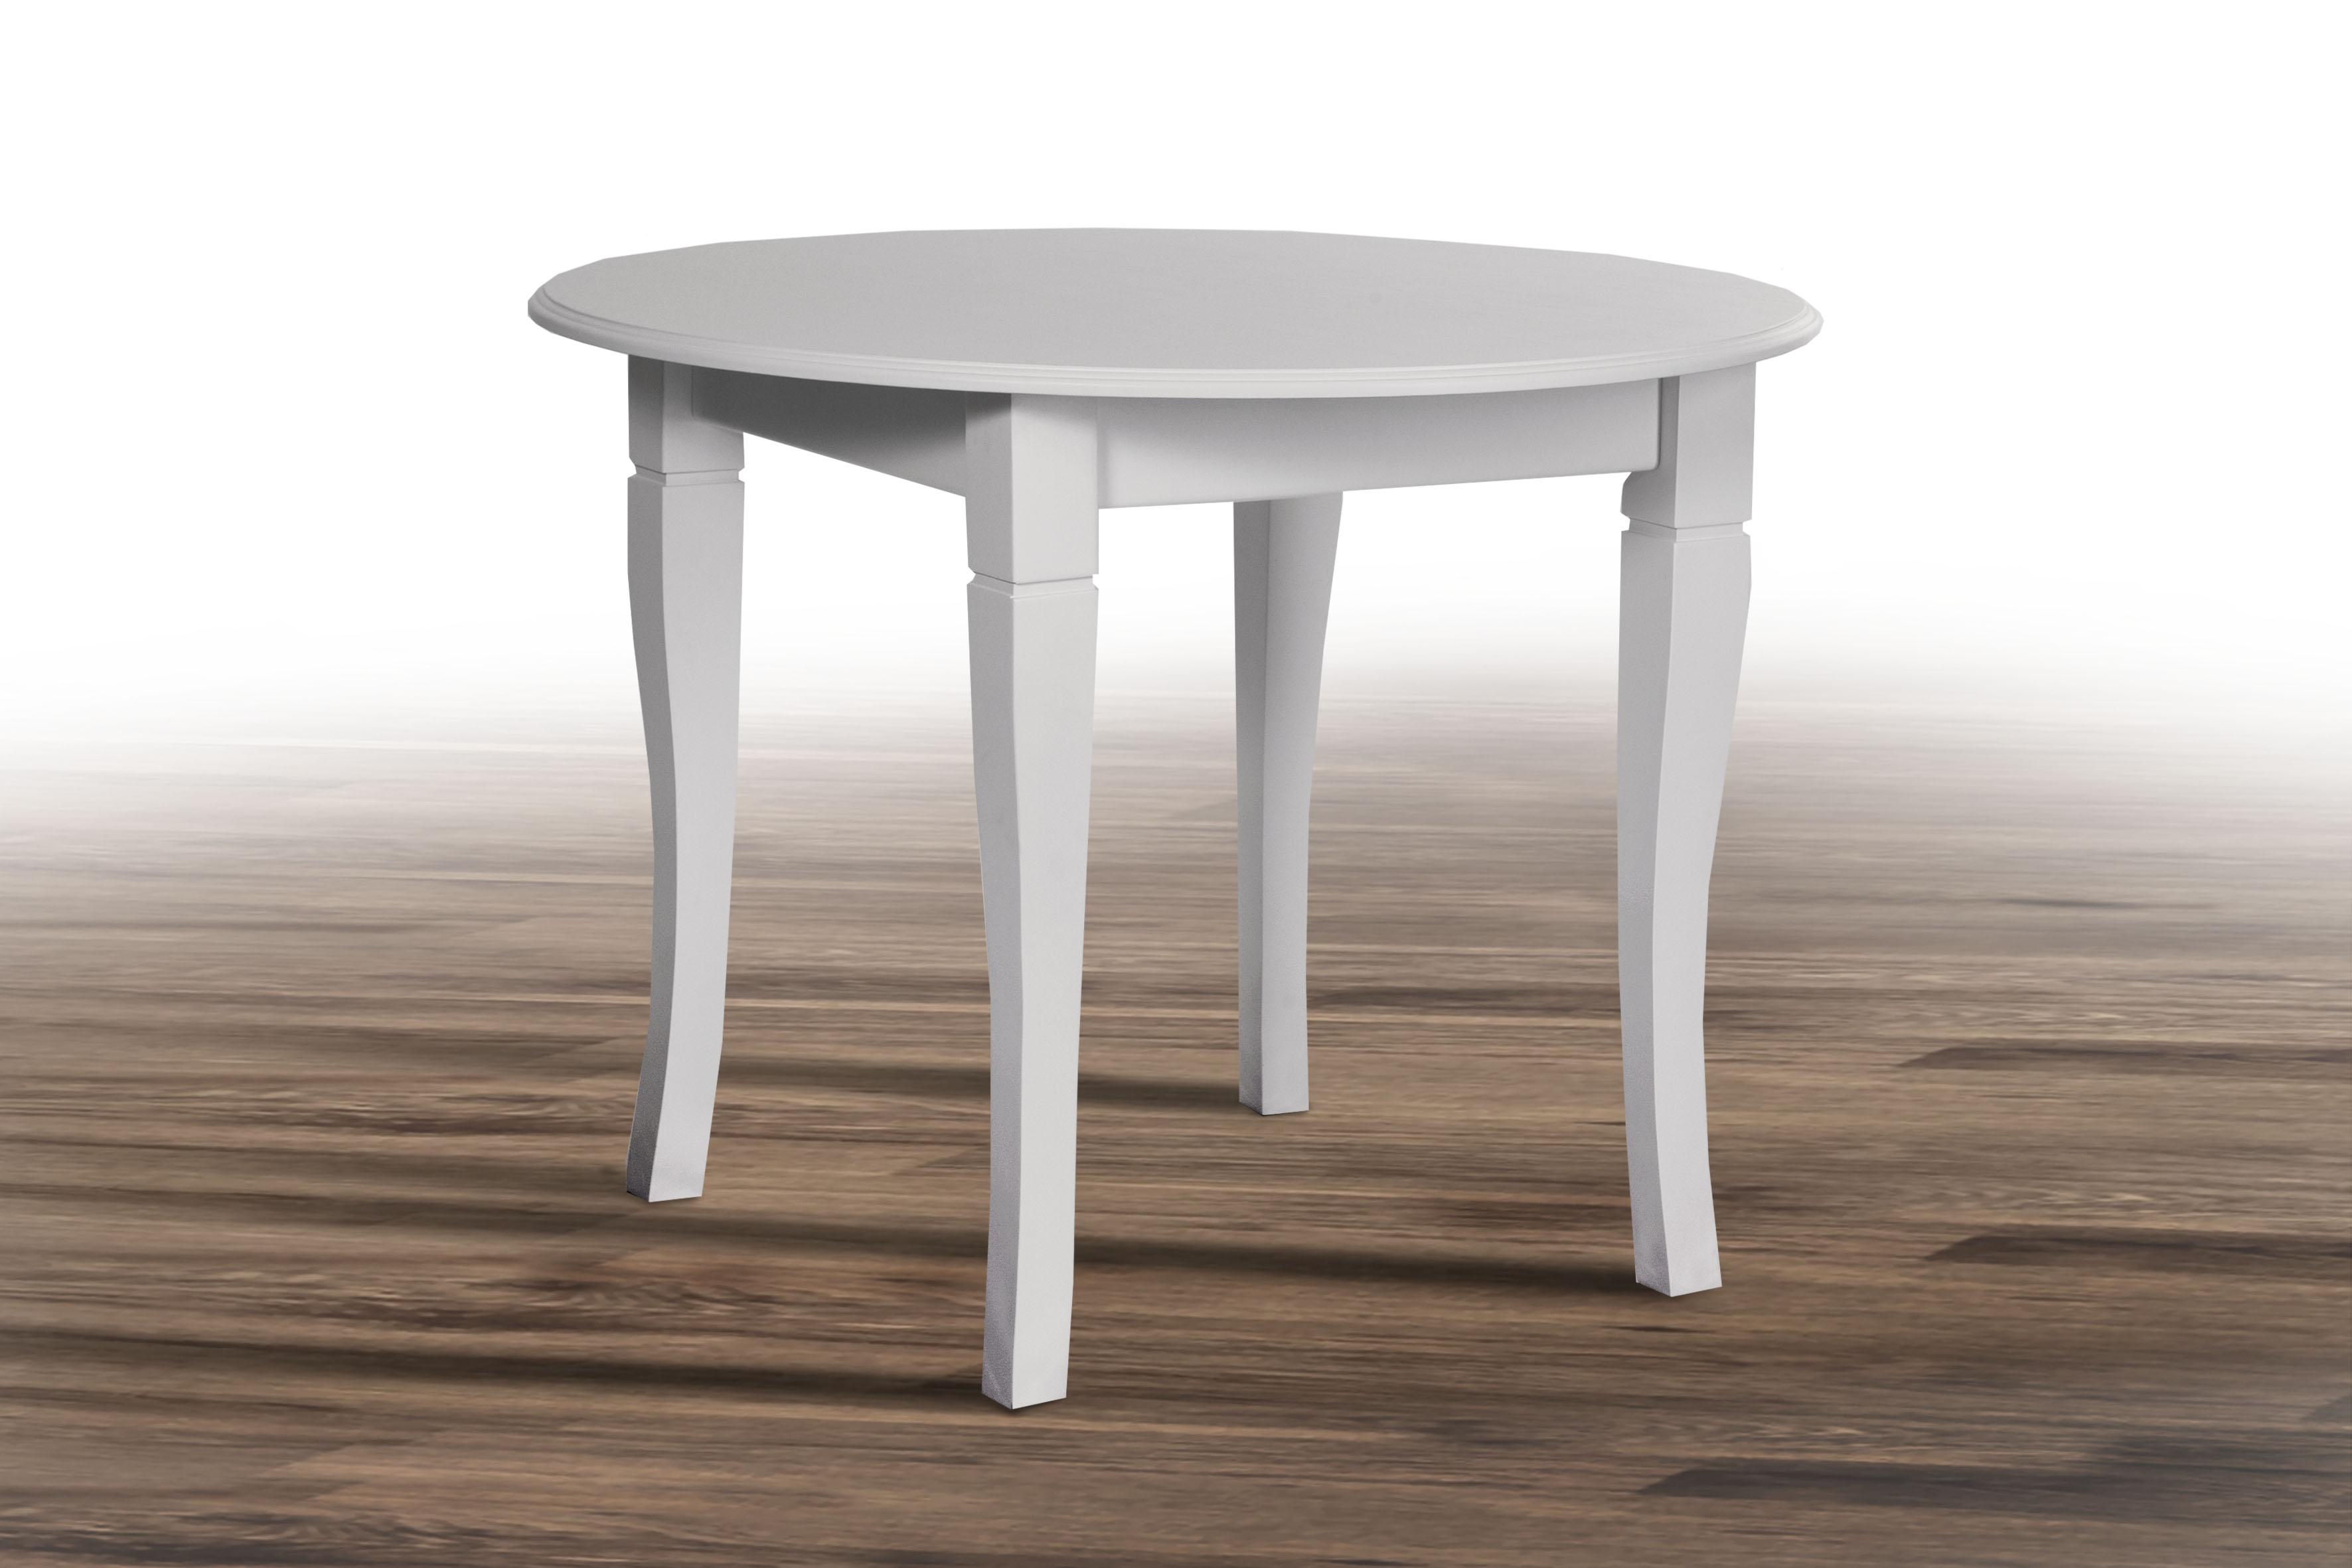 Купить деревянный кухонный стол Остин, белый Киев недорого c78b8c7ebd1